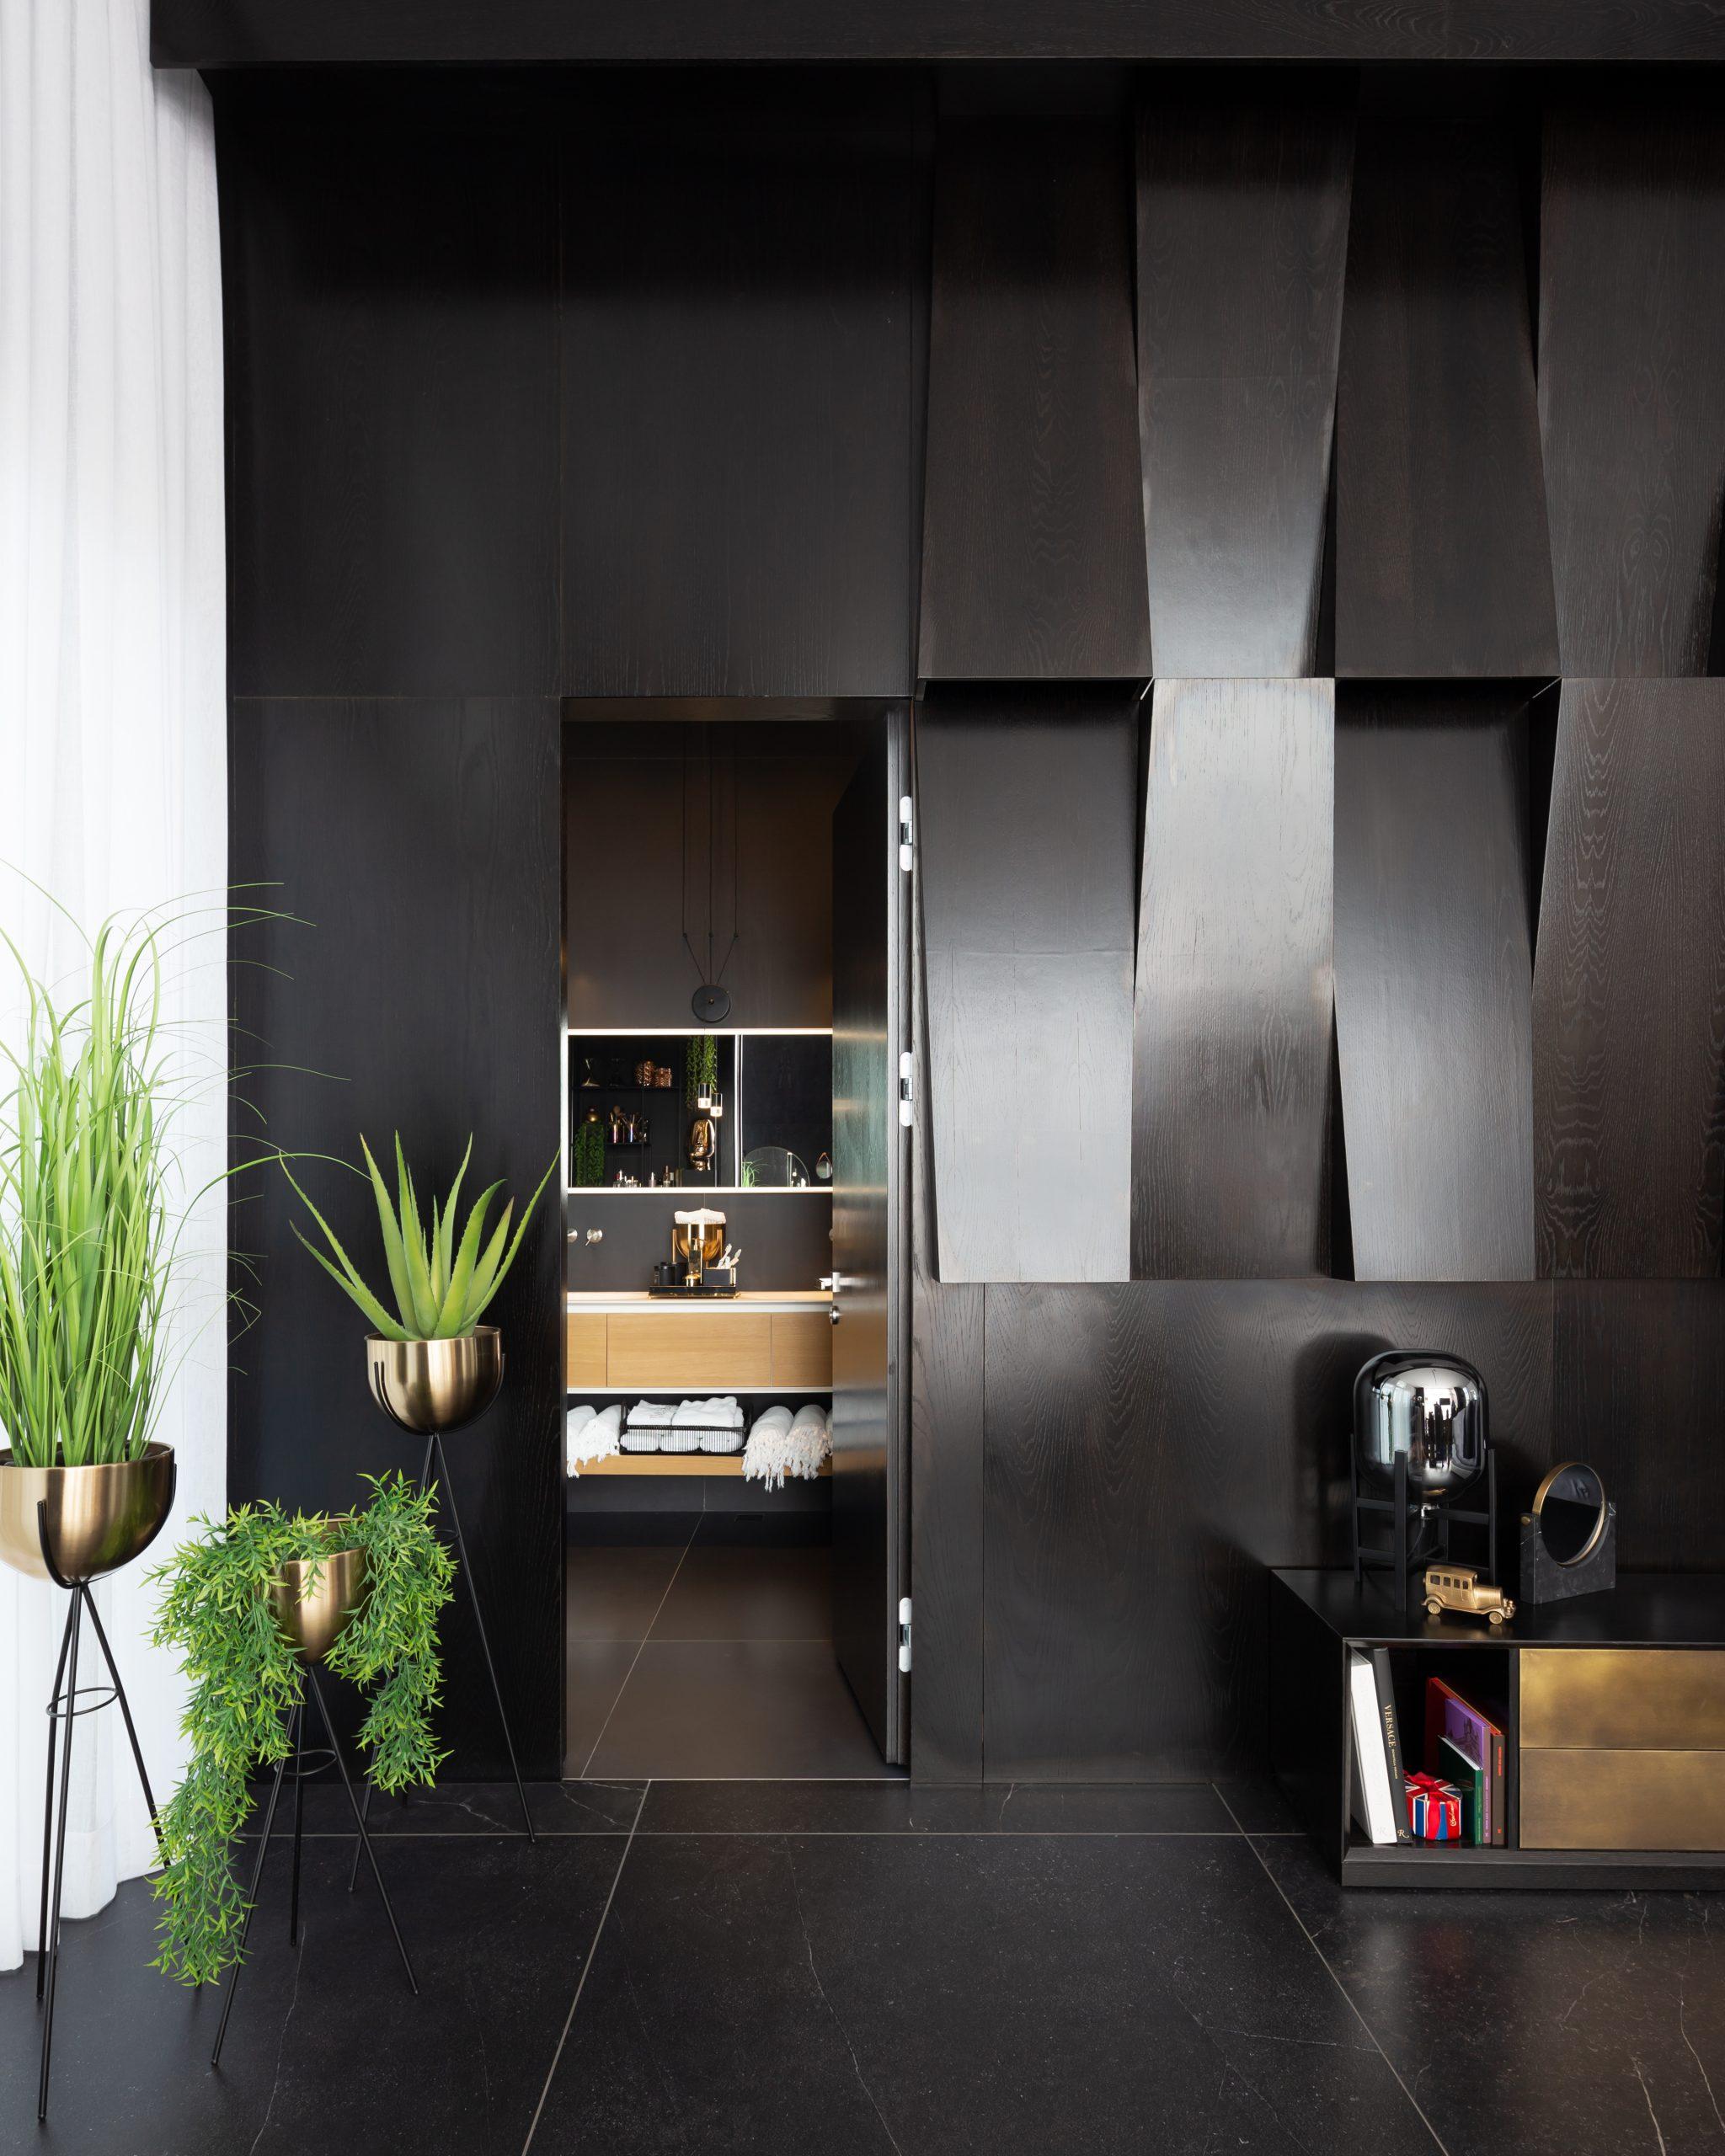 כניסה לחדר שינה עיצוב אדריכלי מקצועי